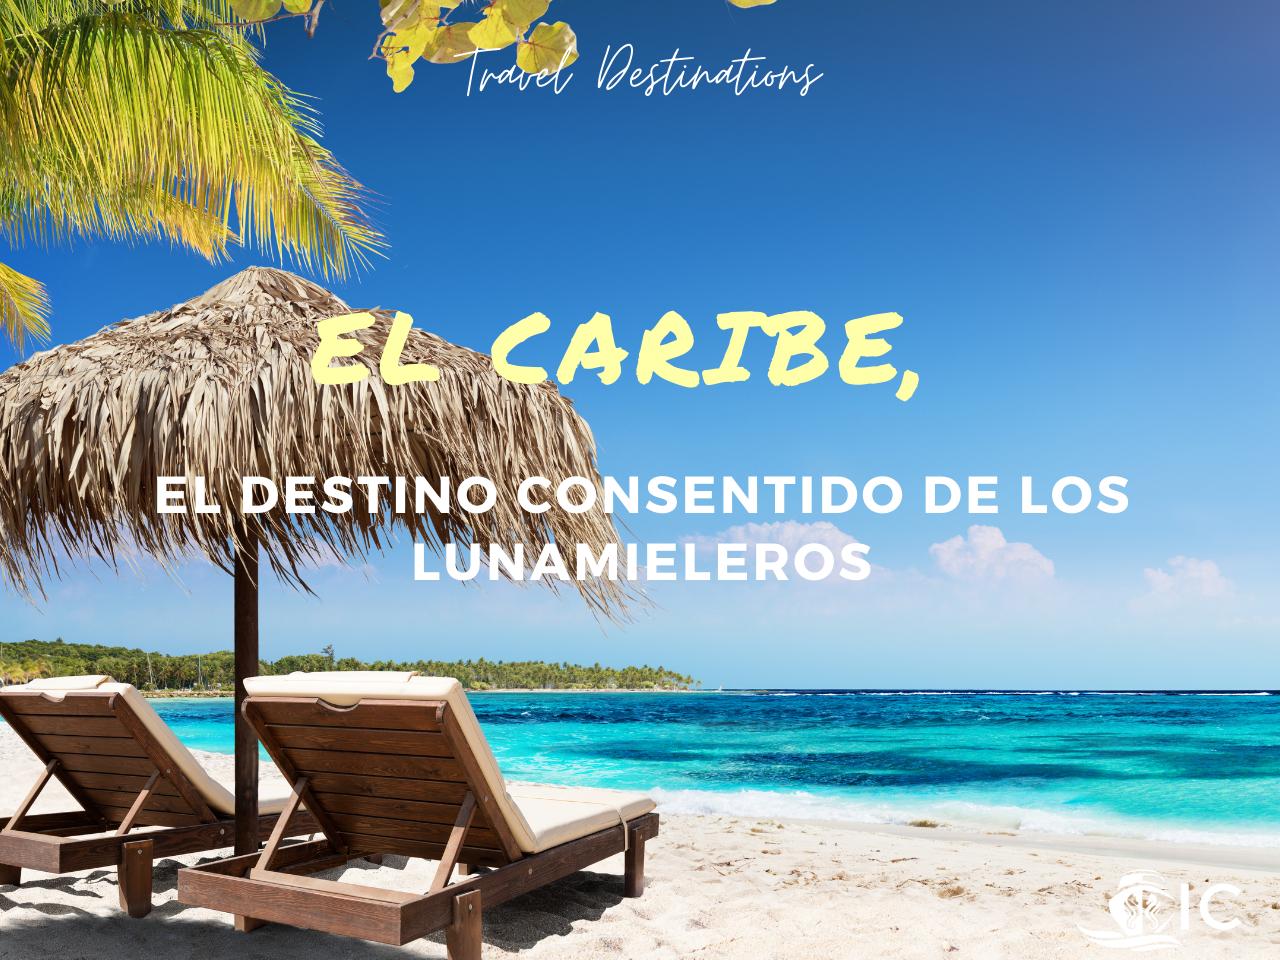 El caribe, el mejor destino para los lunamieleros